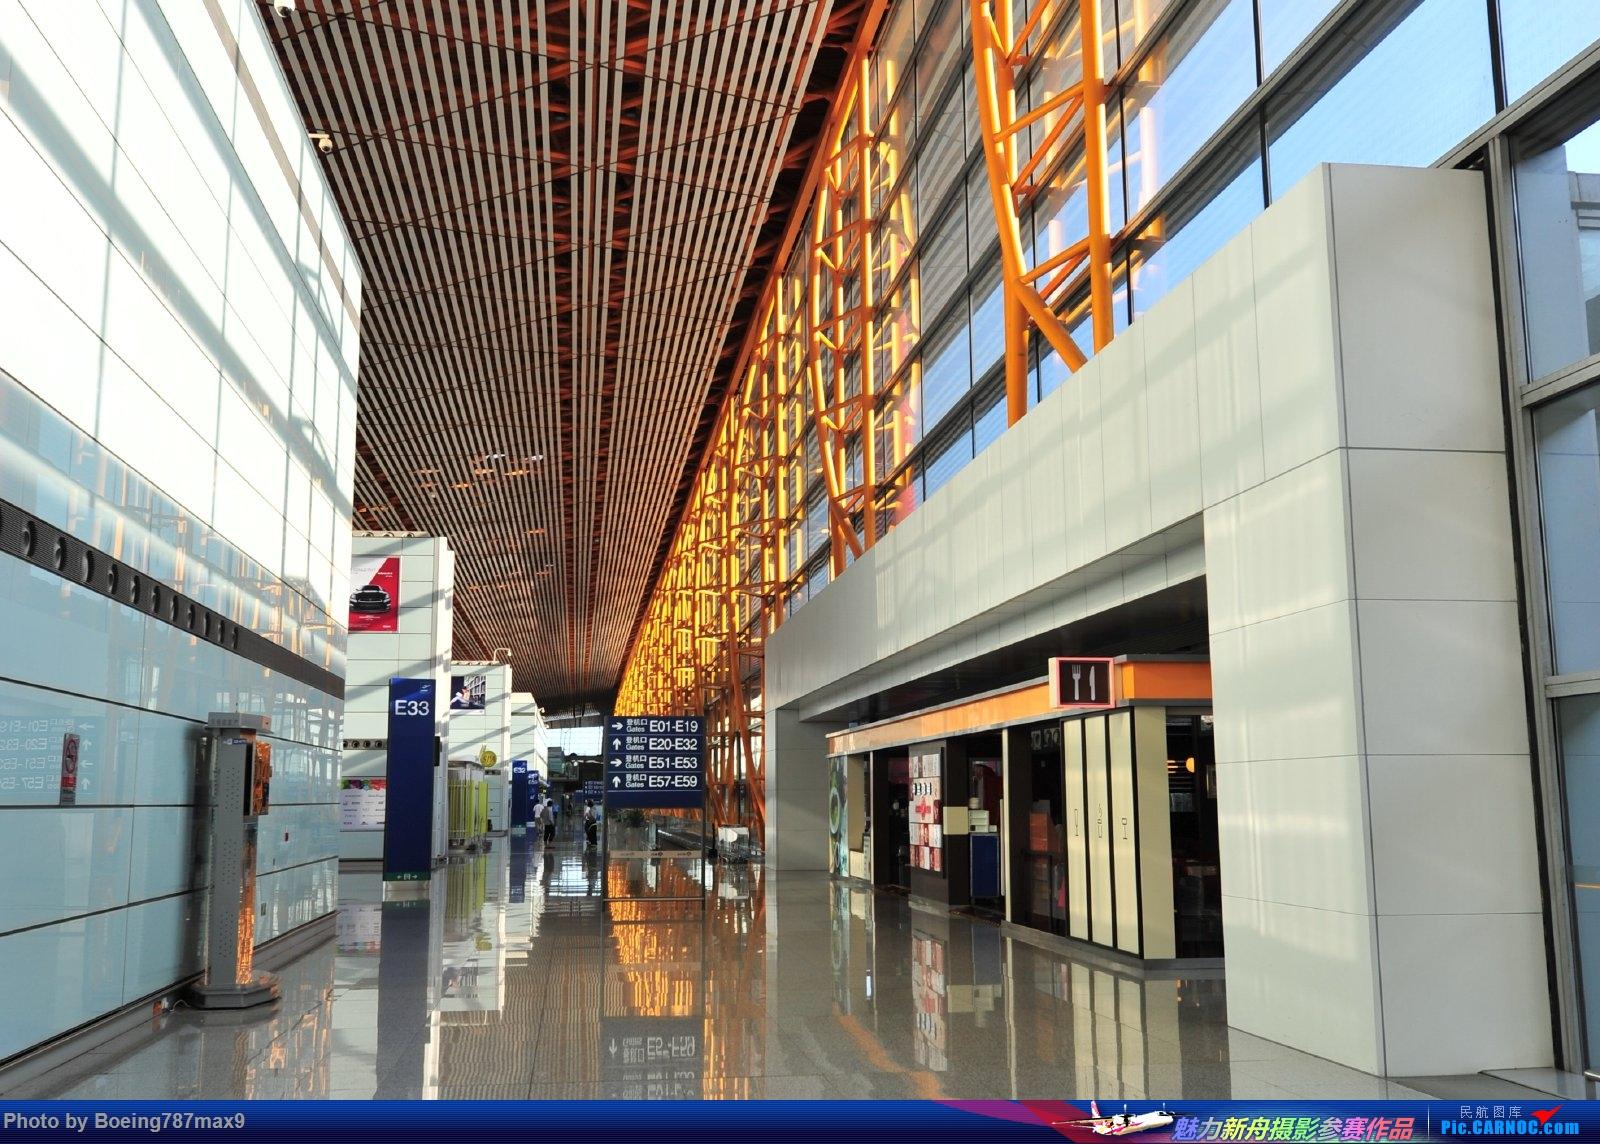 [原创]本人第一次发帖,【PEK】到【NRT】全日空ANA 787-8飞行之旅